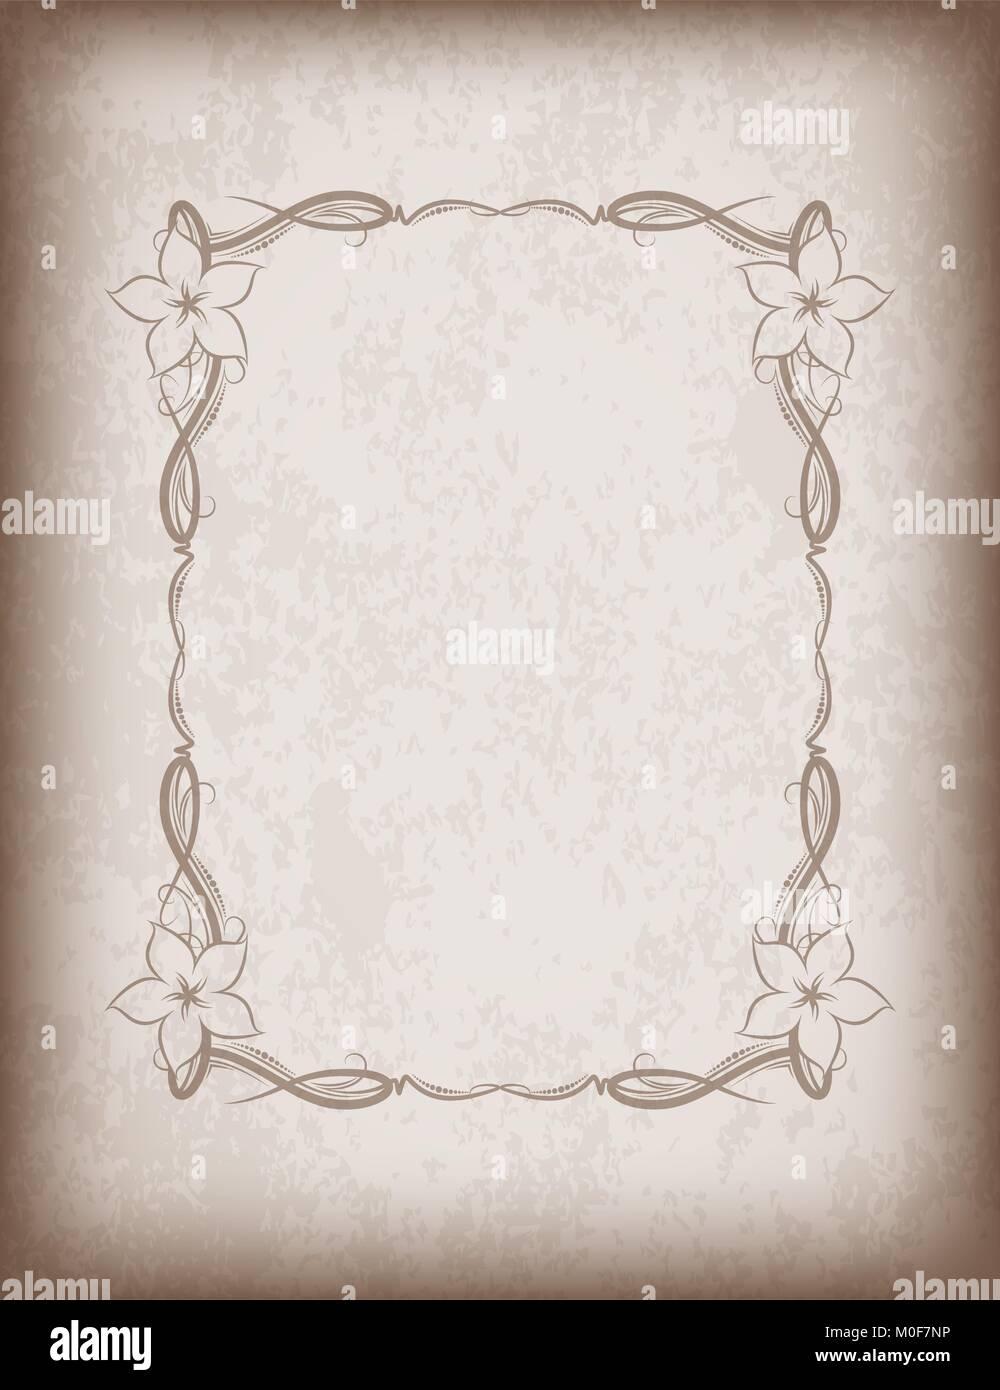 Alte Rahmen mit Blumen im Alter von Papier mit dunklen Rändern und ...